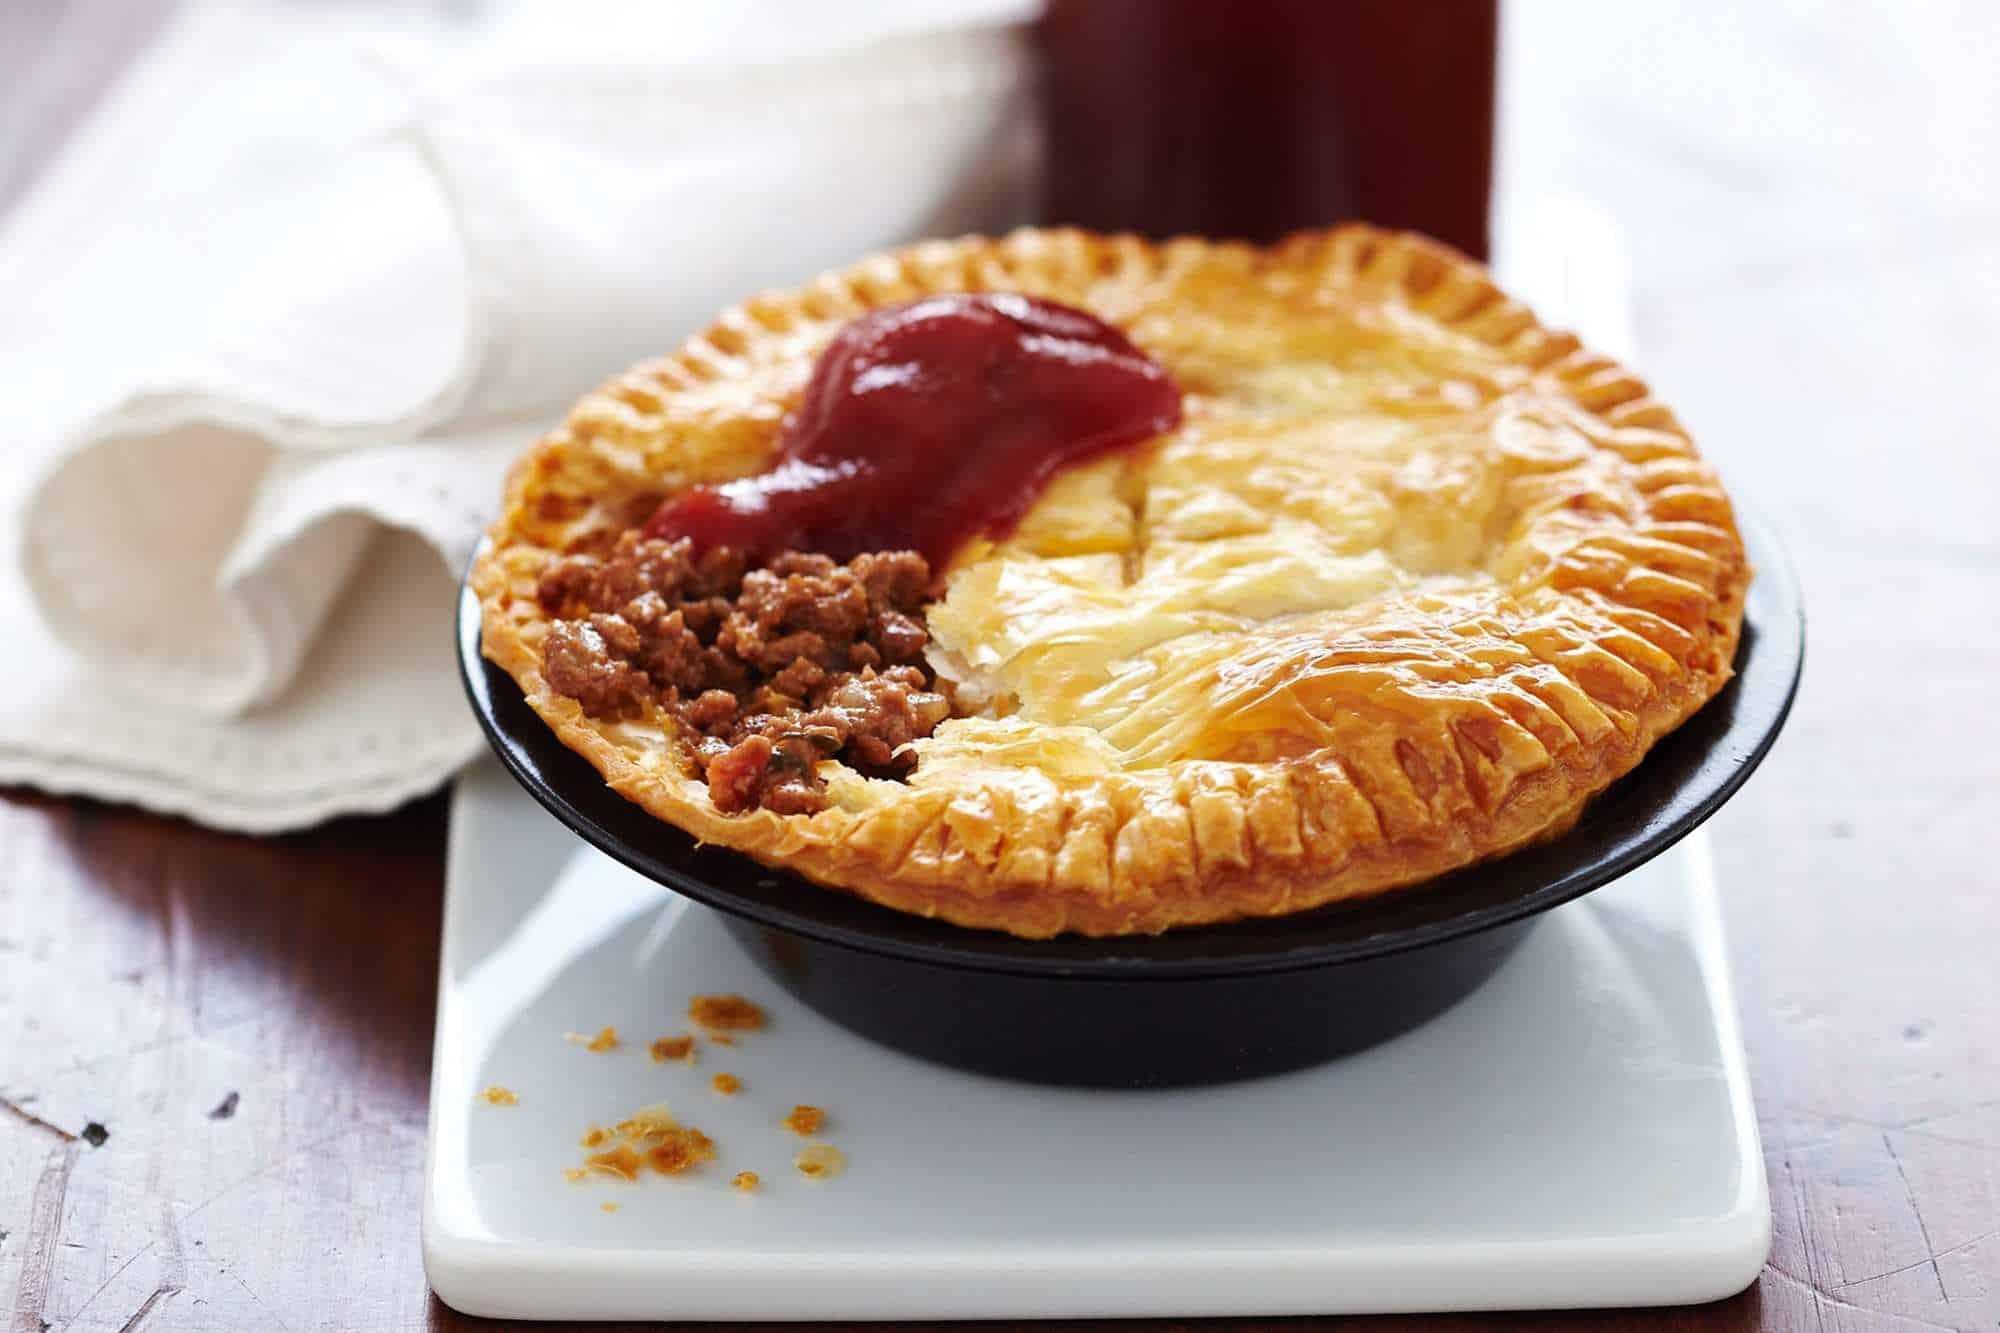 Món bánh nhất định phải ăn cho bằng được nếu có dịp đến Úc để không phí cả chuyến đi - Ảnh 1.